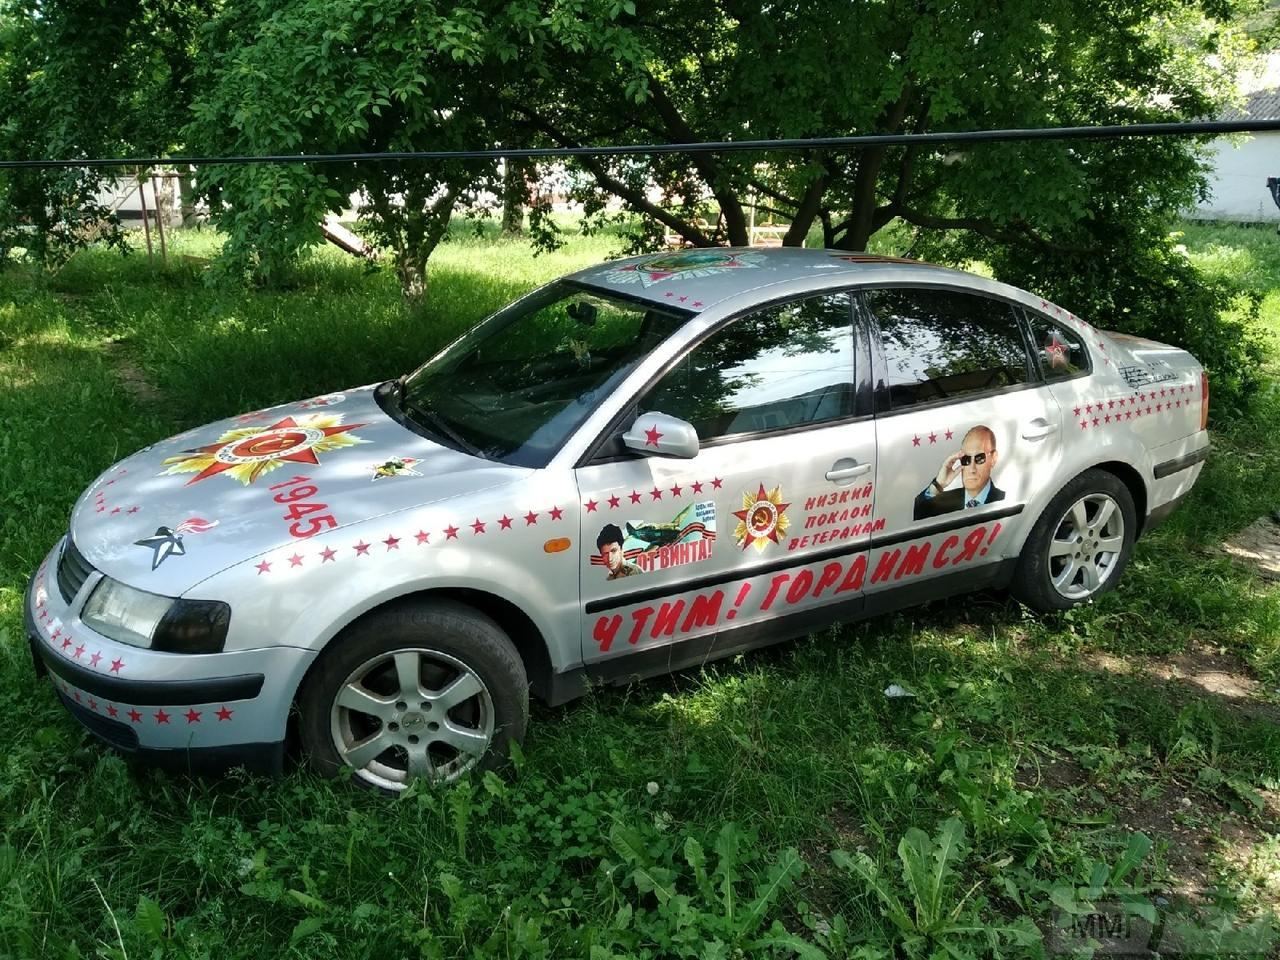 73964 - А в России чудеса!